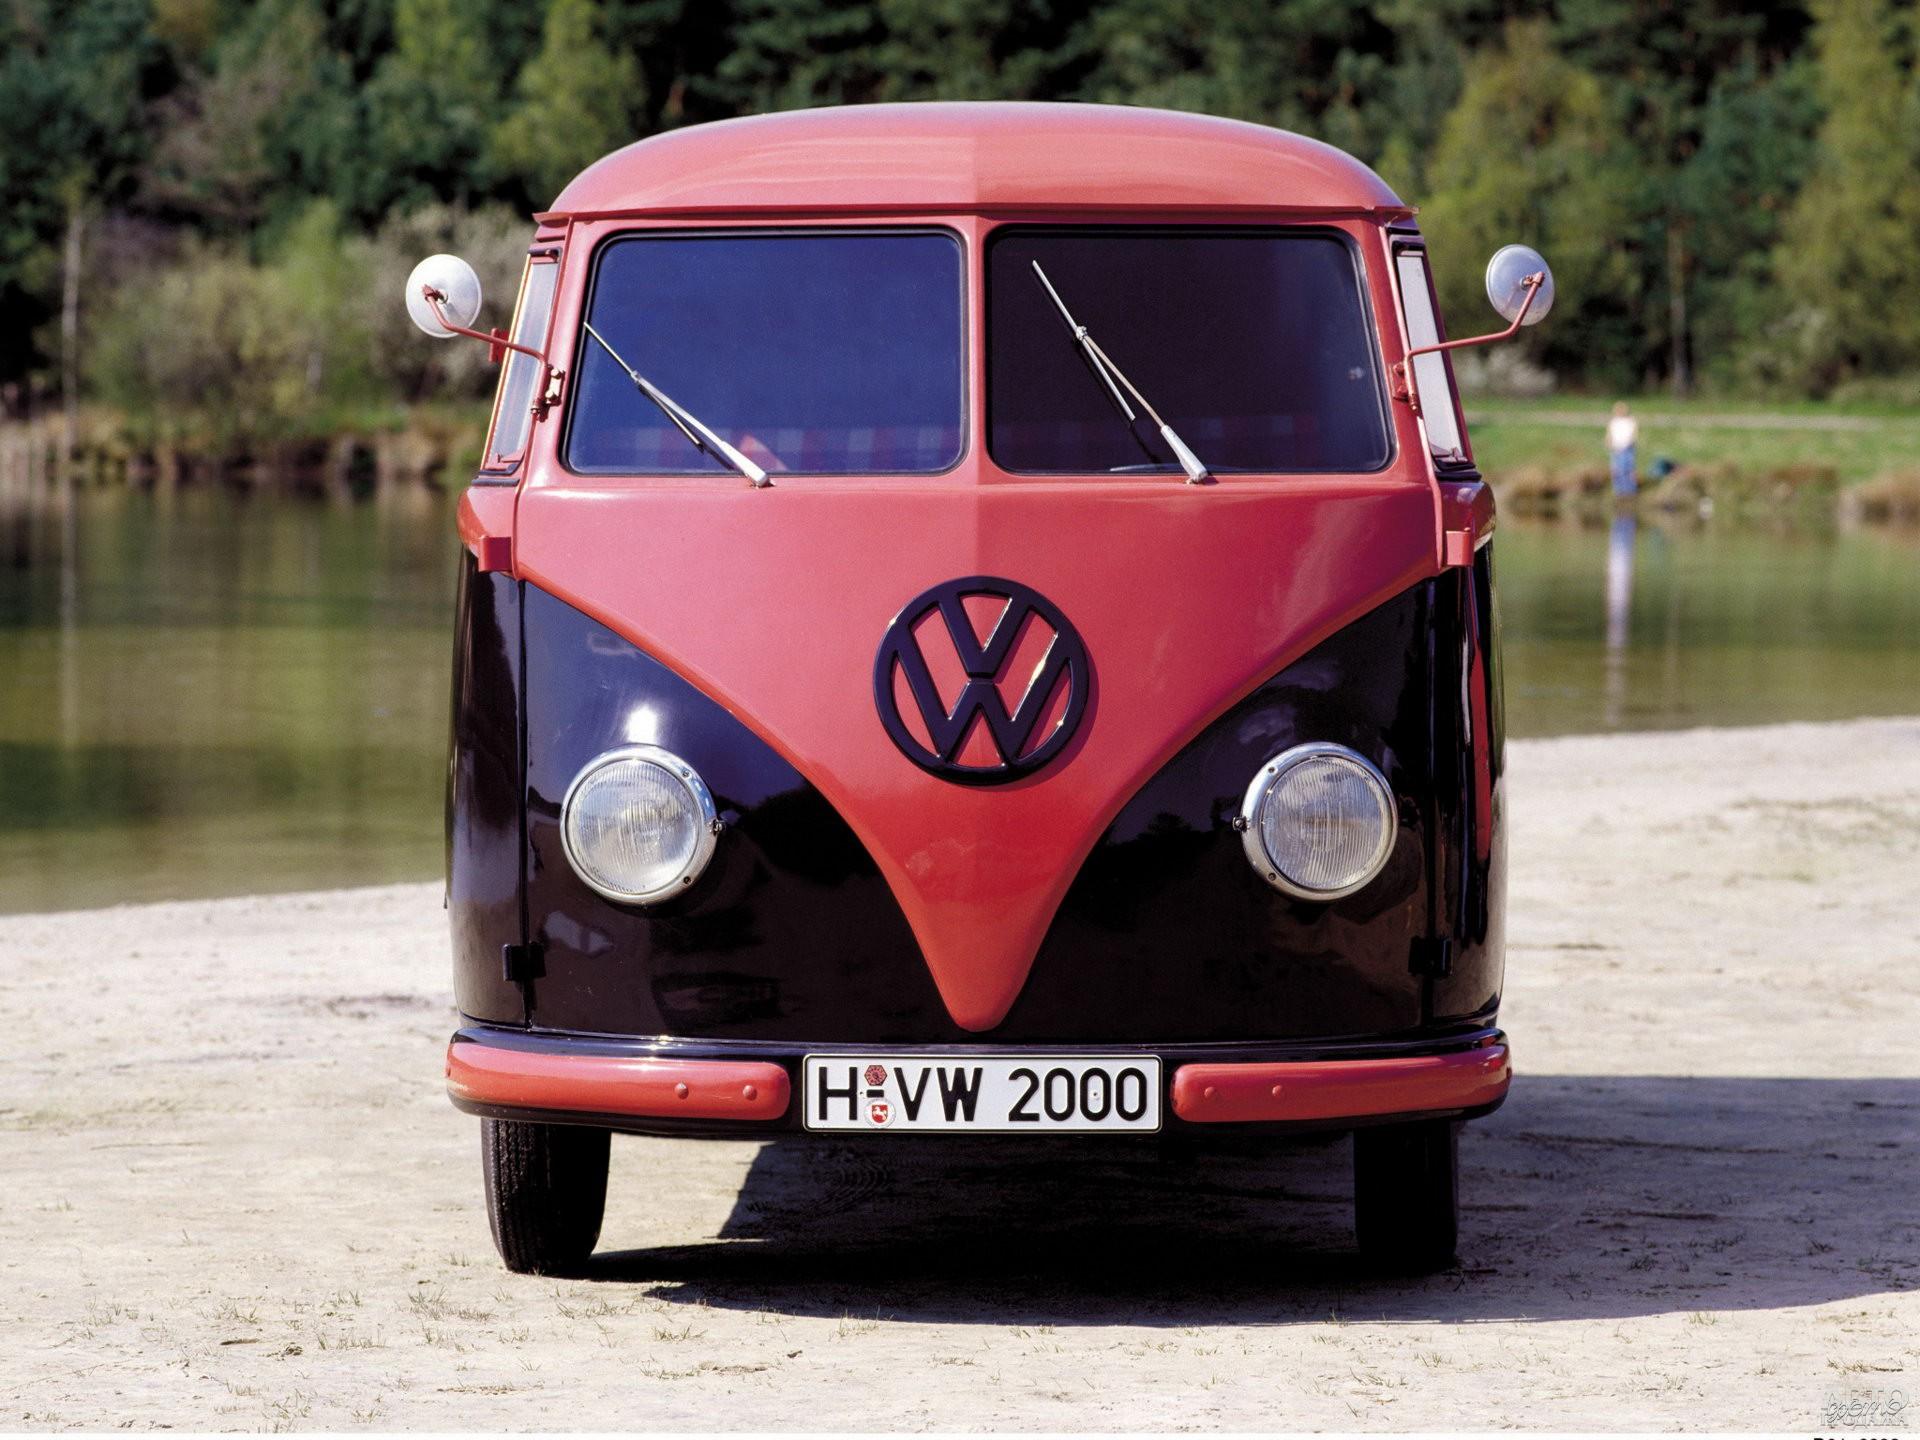 Фирменные круглые фары Volkswagen Т1 позаимствовали у Beetle